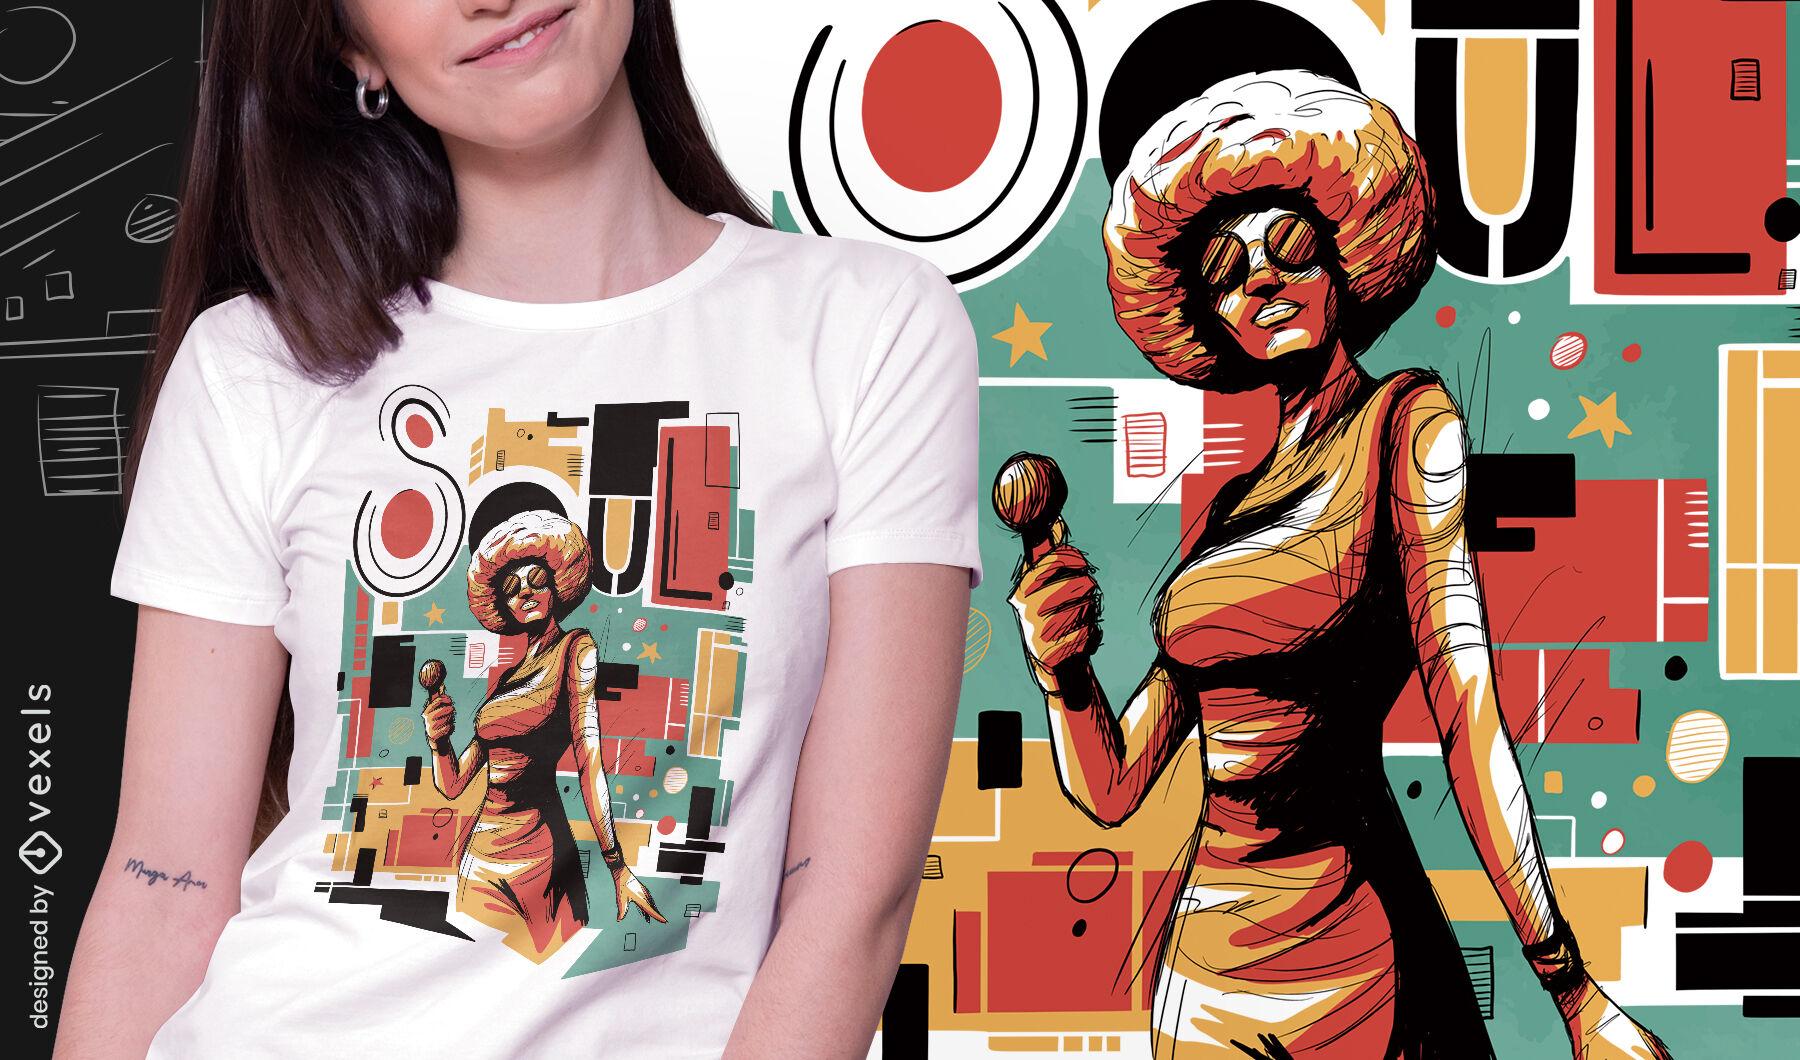 Soul musician abstract psd t-shirt